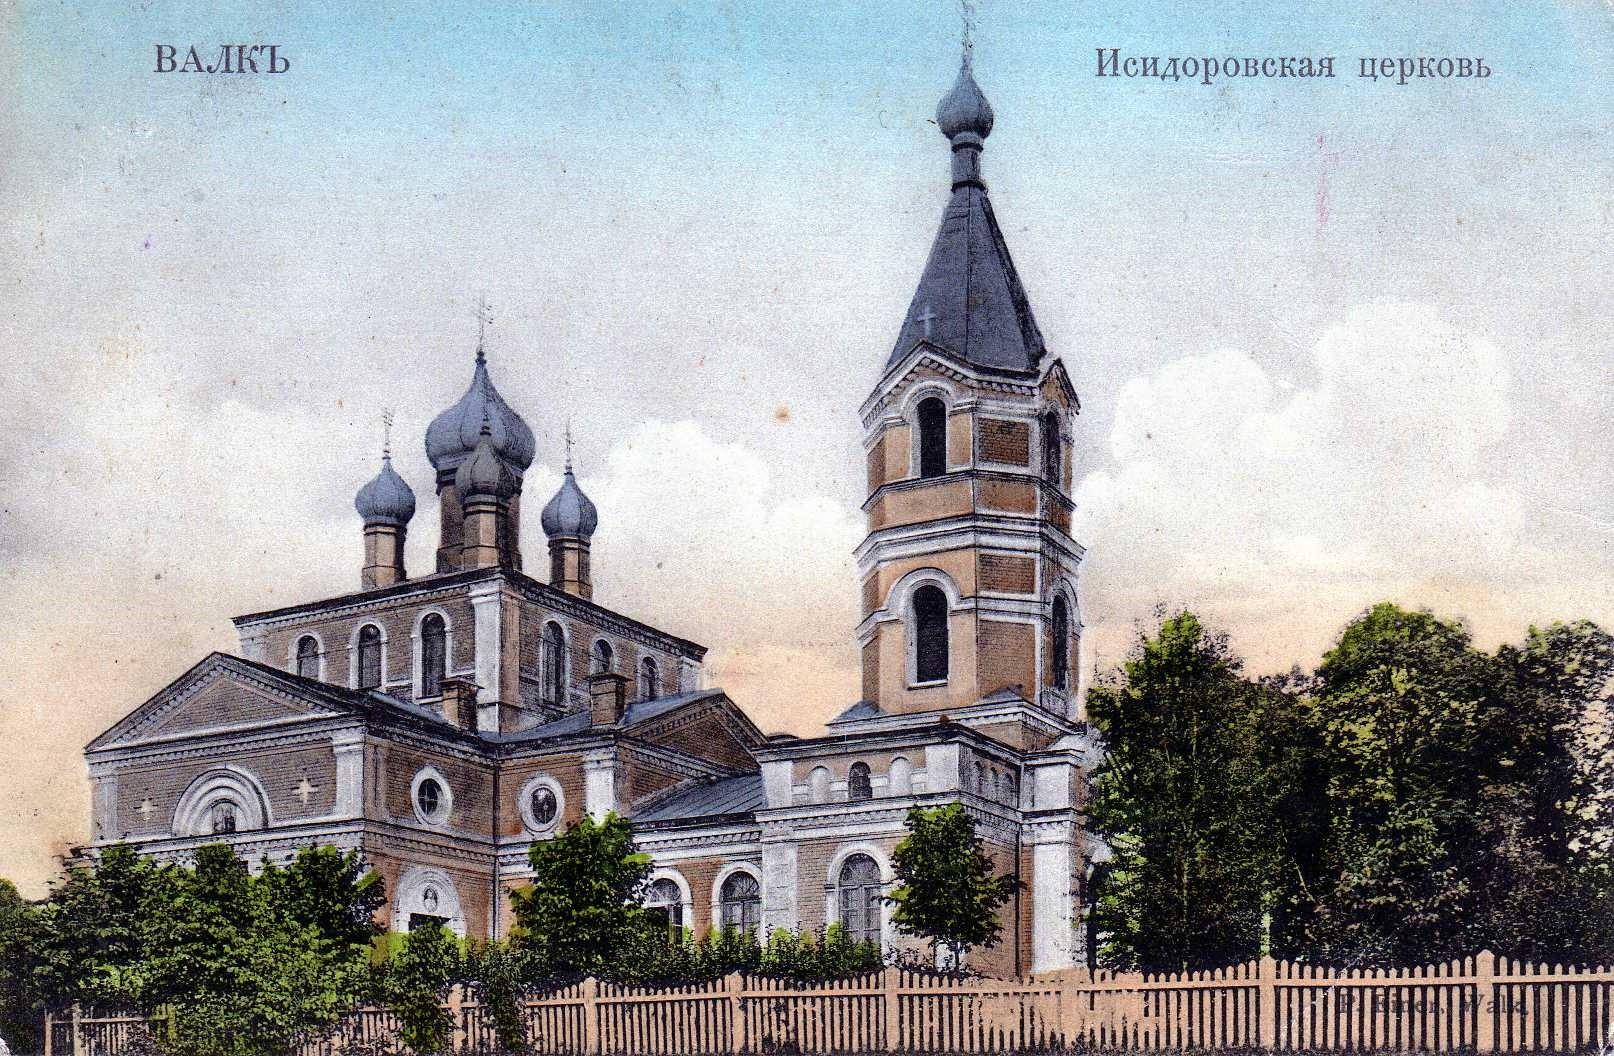 Исидоровская церковь